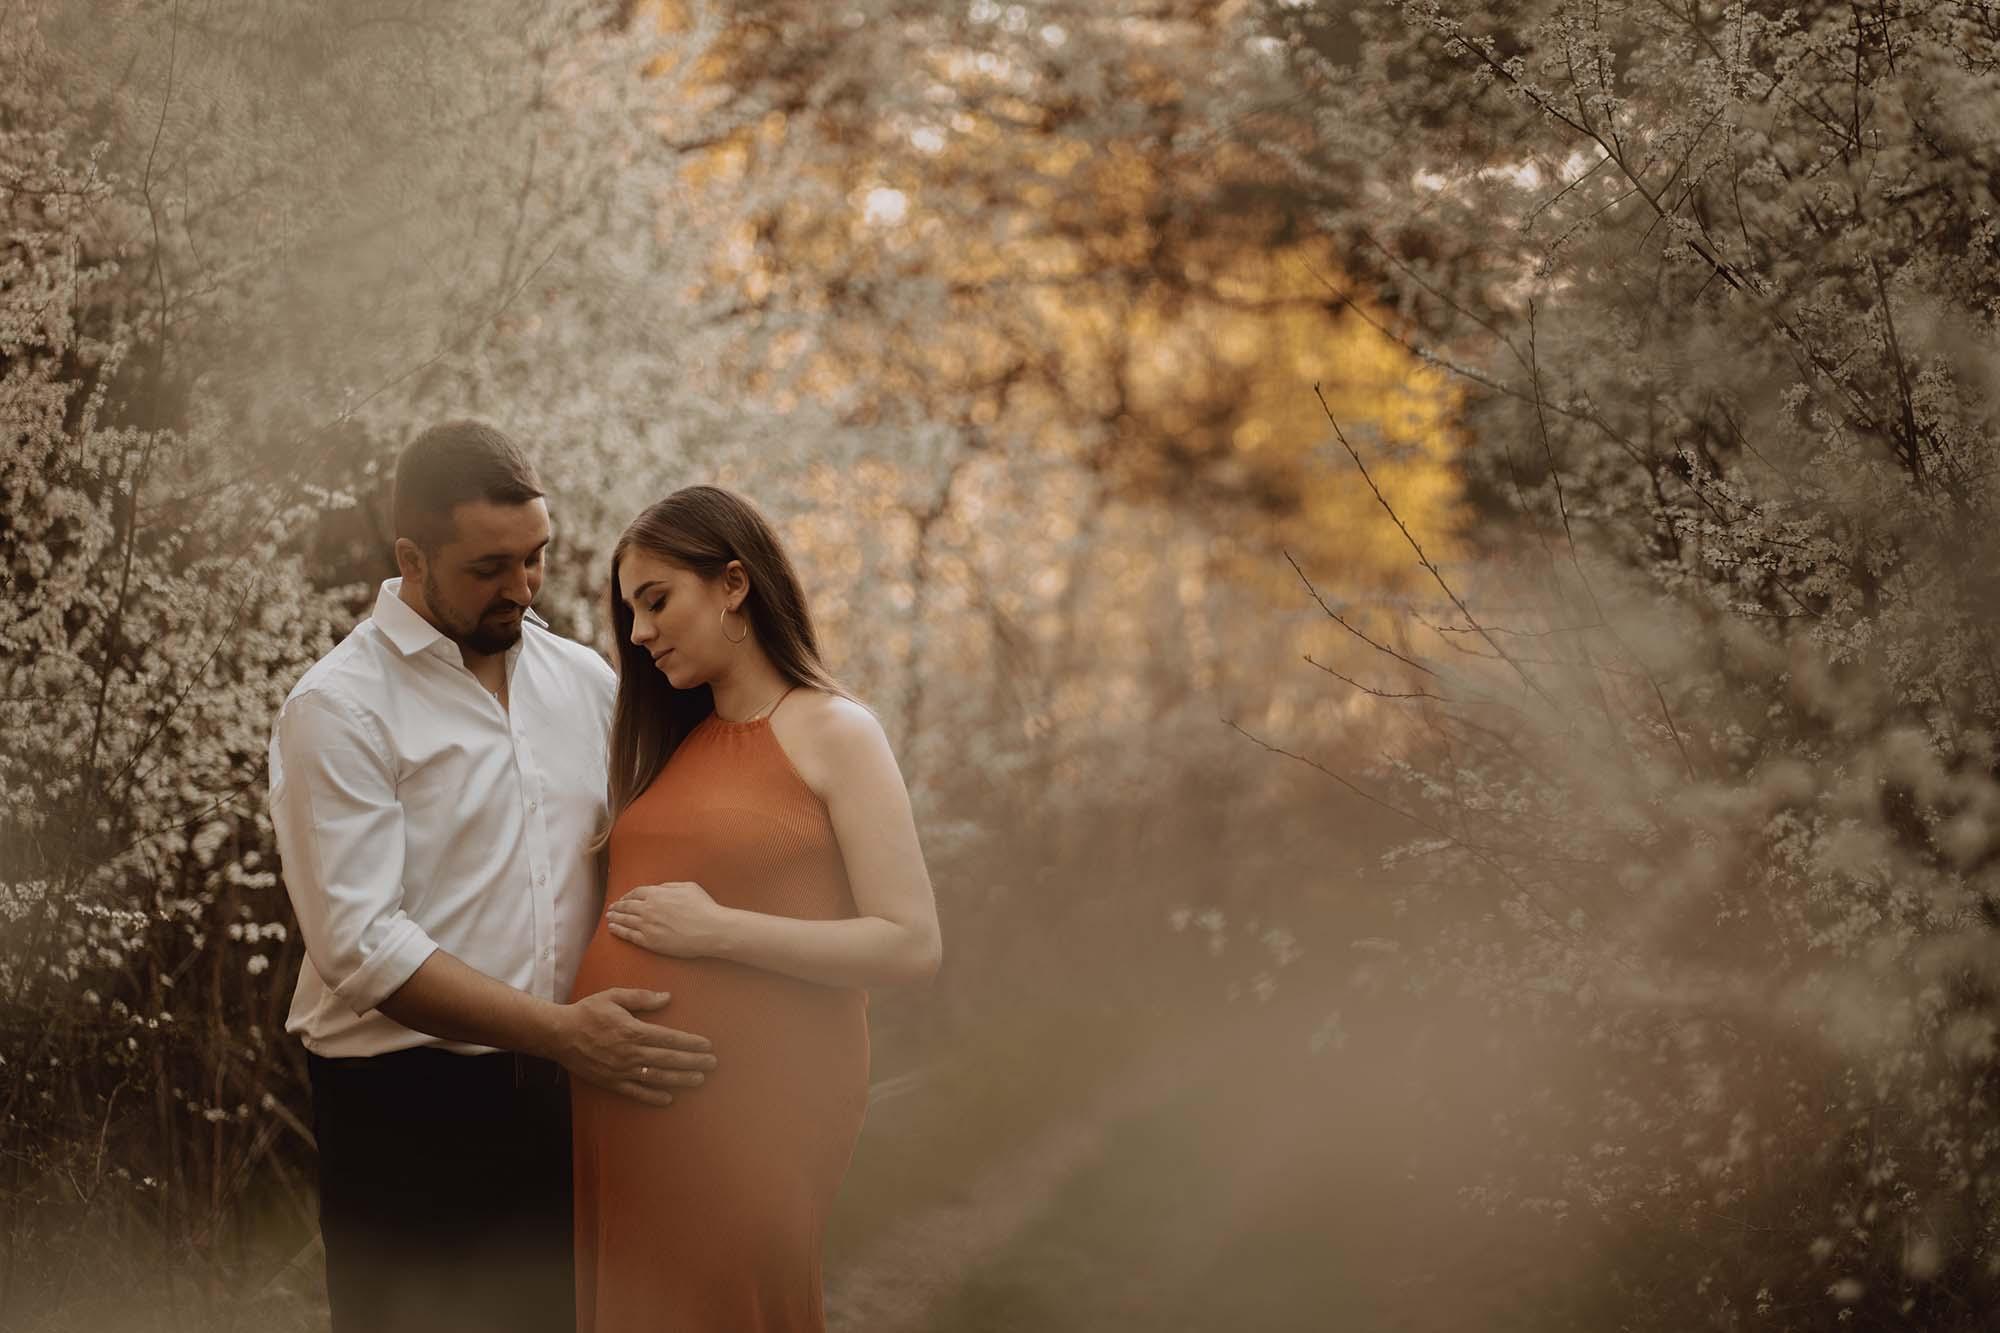 Wiosenna sesja ciazowa kielce00013 - Wiosenna sesja ciążowa